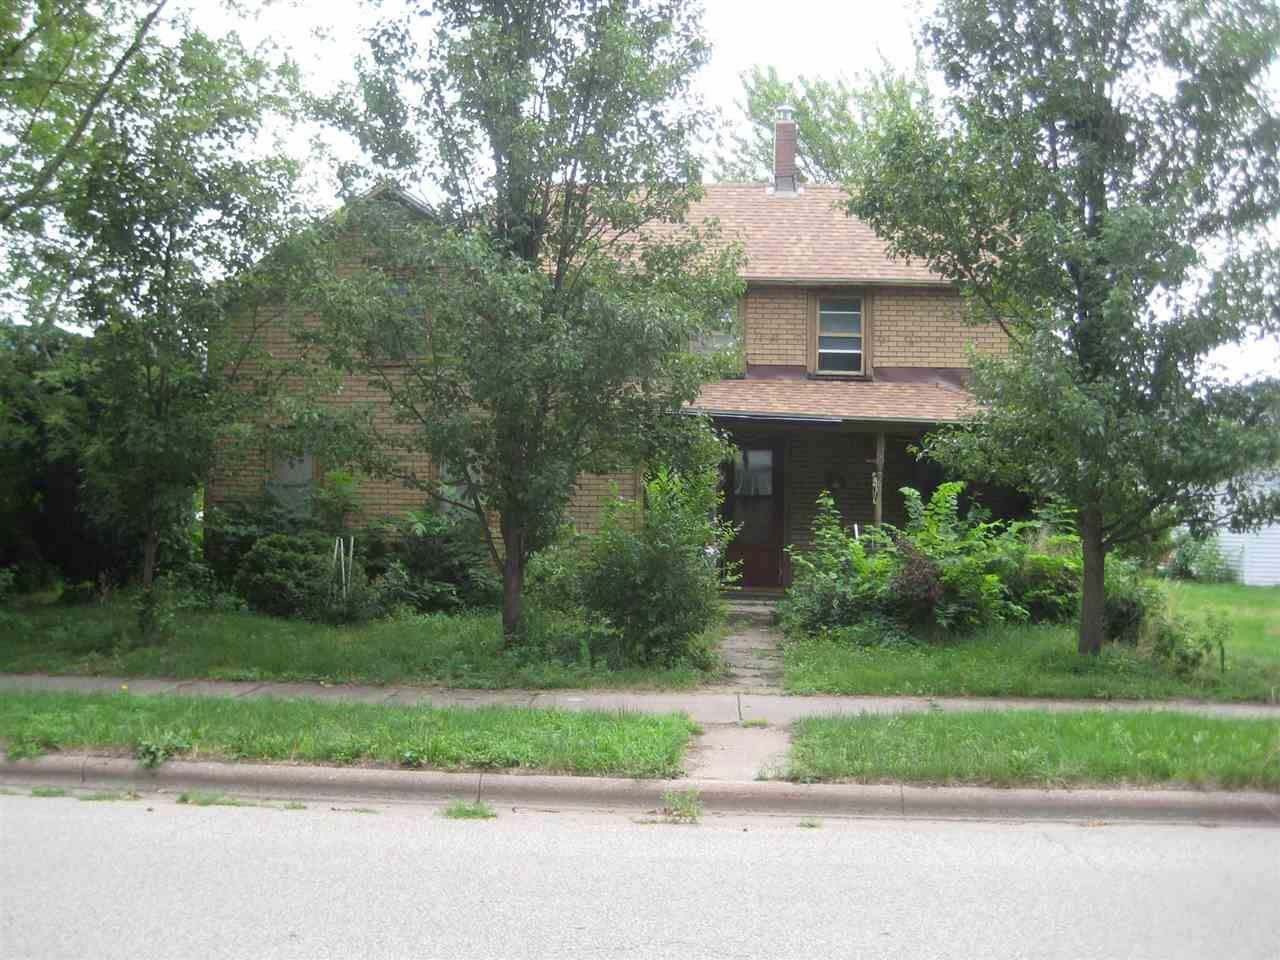 532 N Michigan St, Prairie du Chien, WI 53821 - #: 1914583